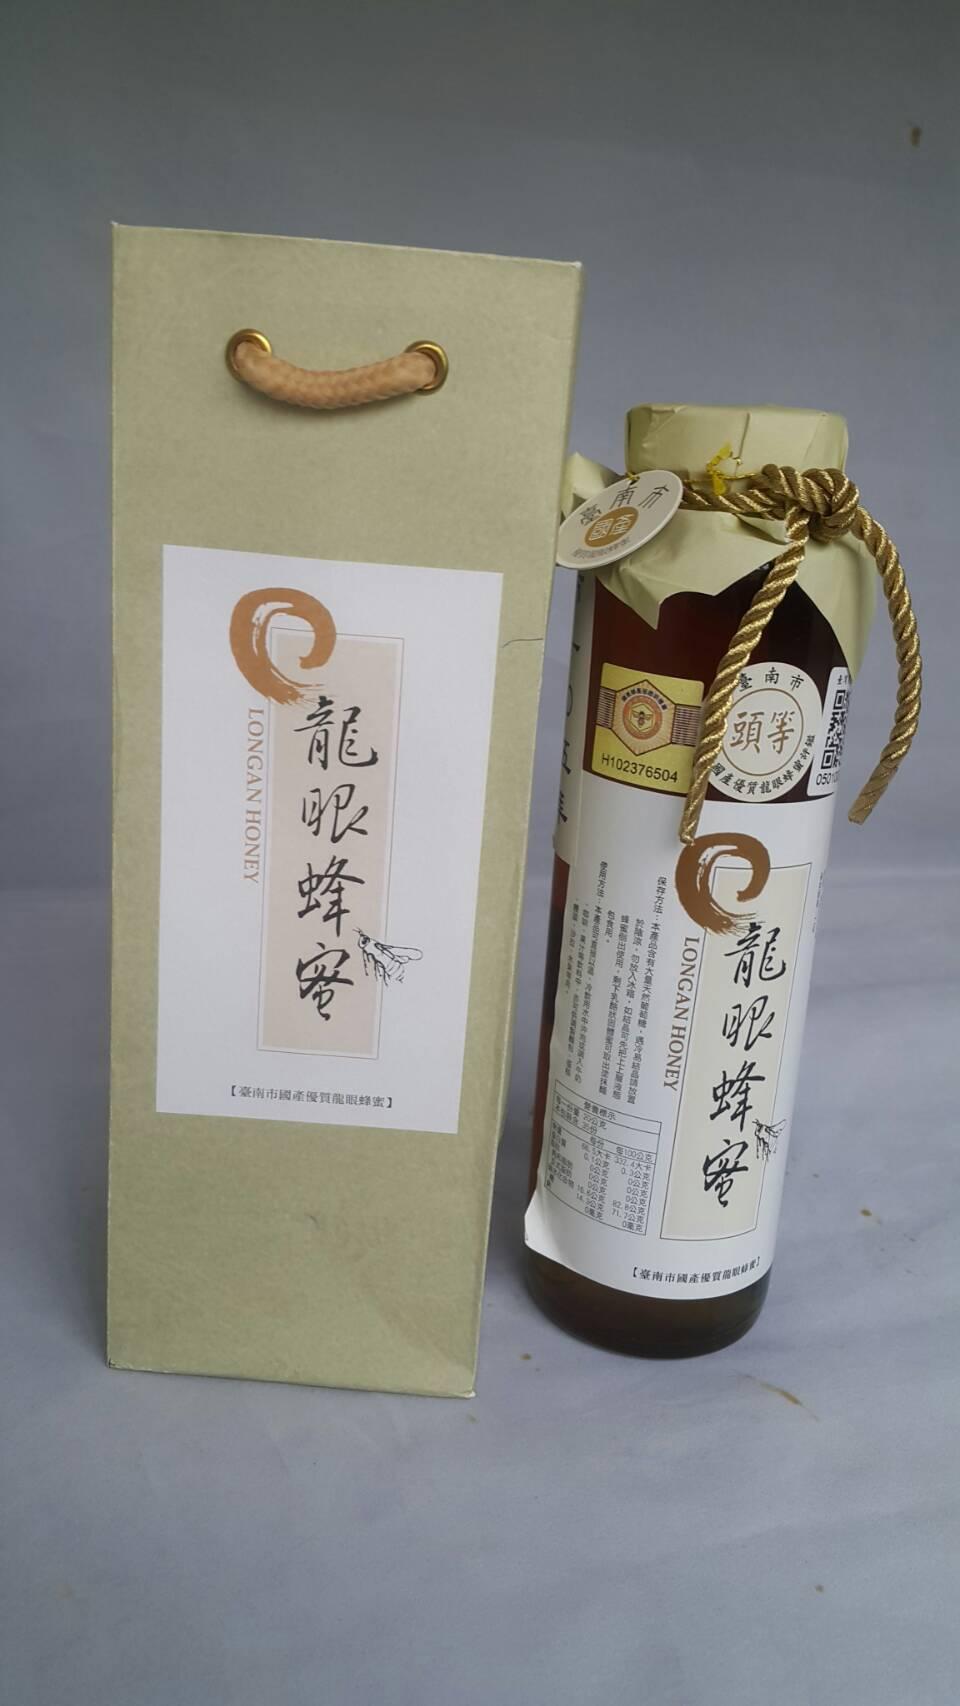 【勝蜂蜂業】105年台南市評鑑龍眼蜂蜜 800g